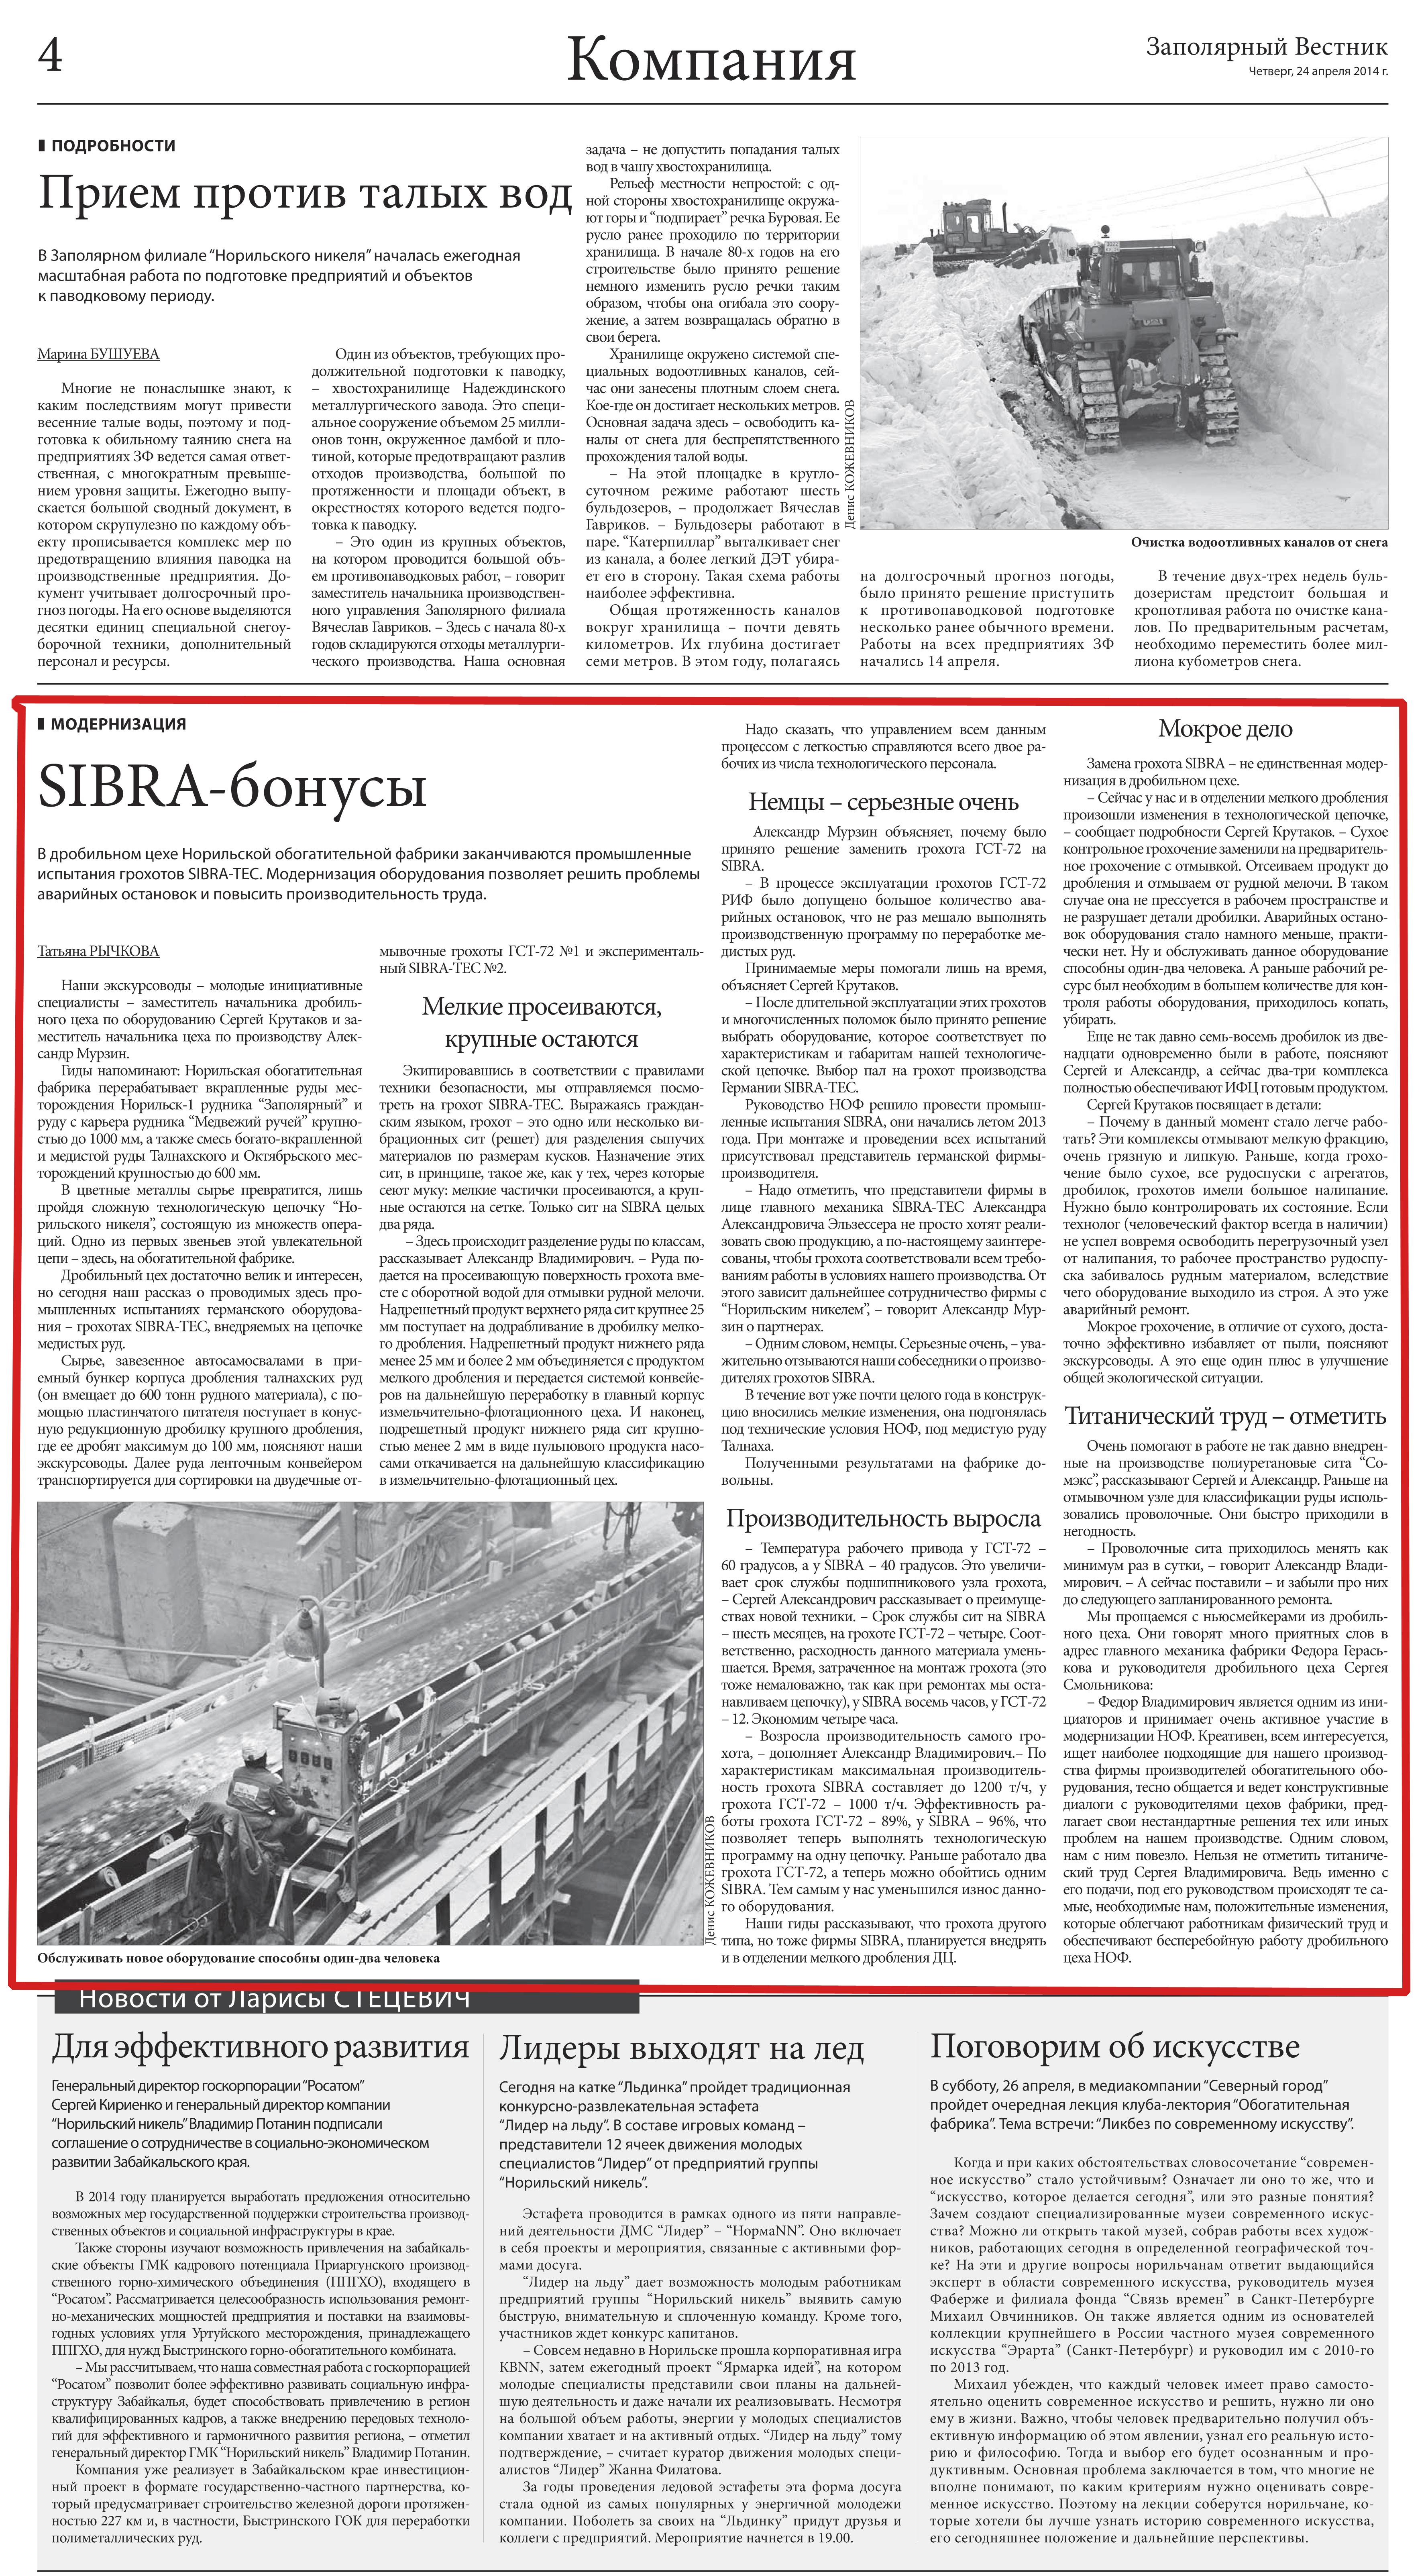 Заполярный Весник статья о грохотах SIBRA